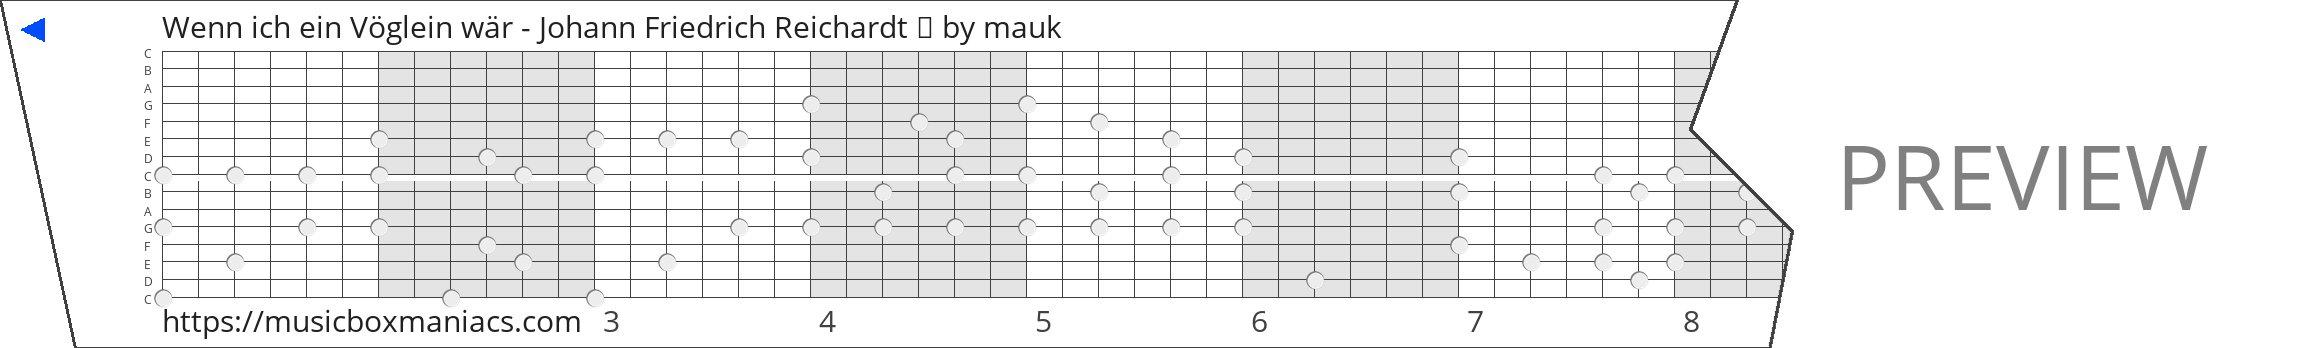 Wenn ich ein Vöglein wär - Johann Friedrich Reichardt 🐦 15 note music box paper strip